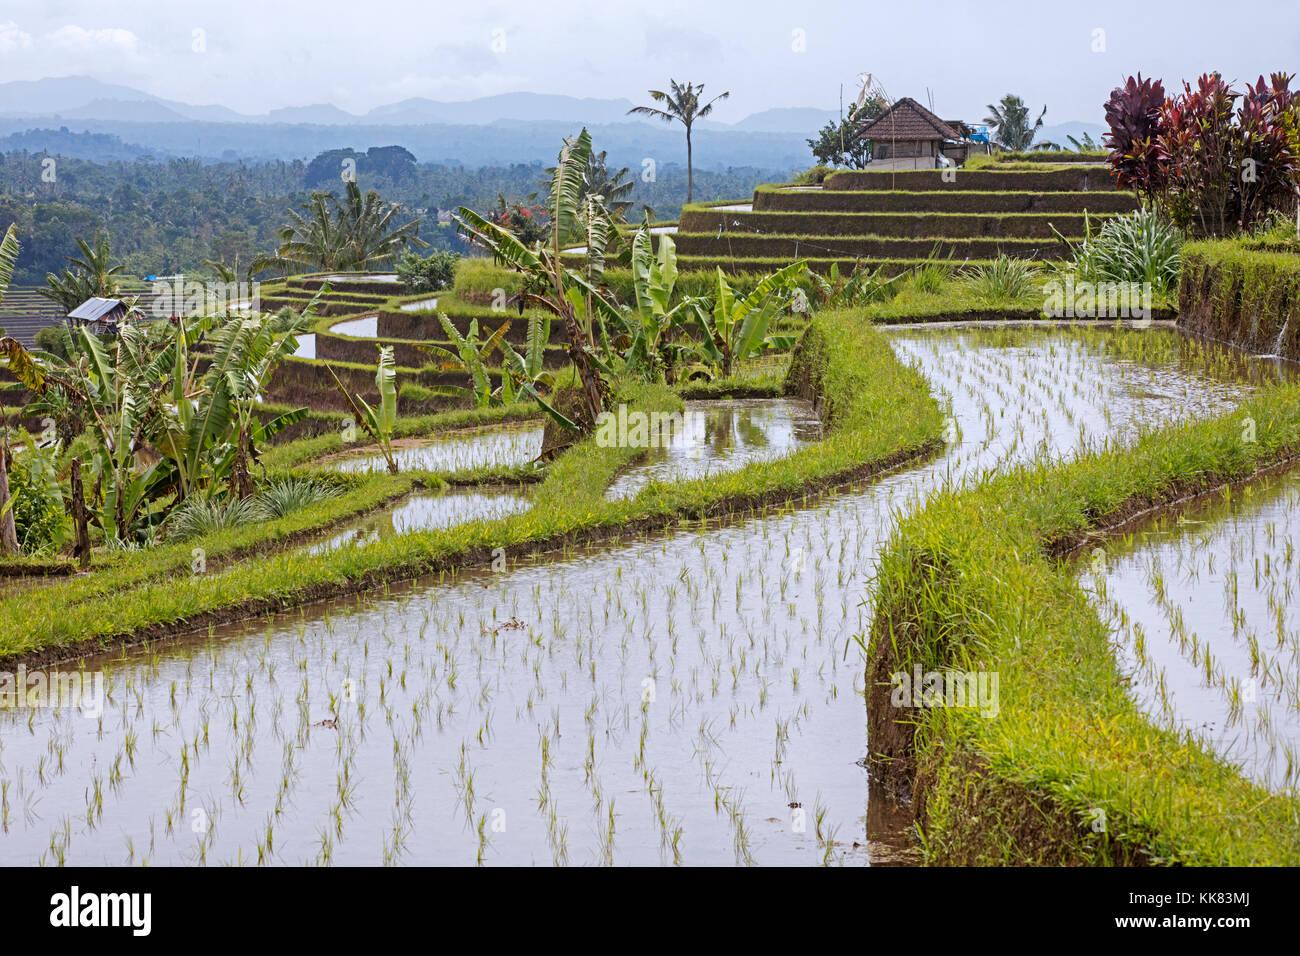 Jatiluwih terrassierten Reisfelder, Reisterrassen im Bergland von West Bali, Indonesien Stockbild